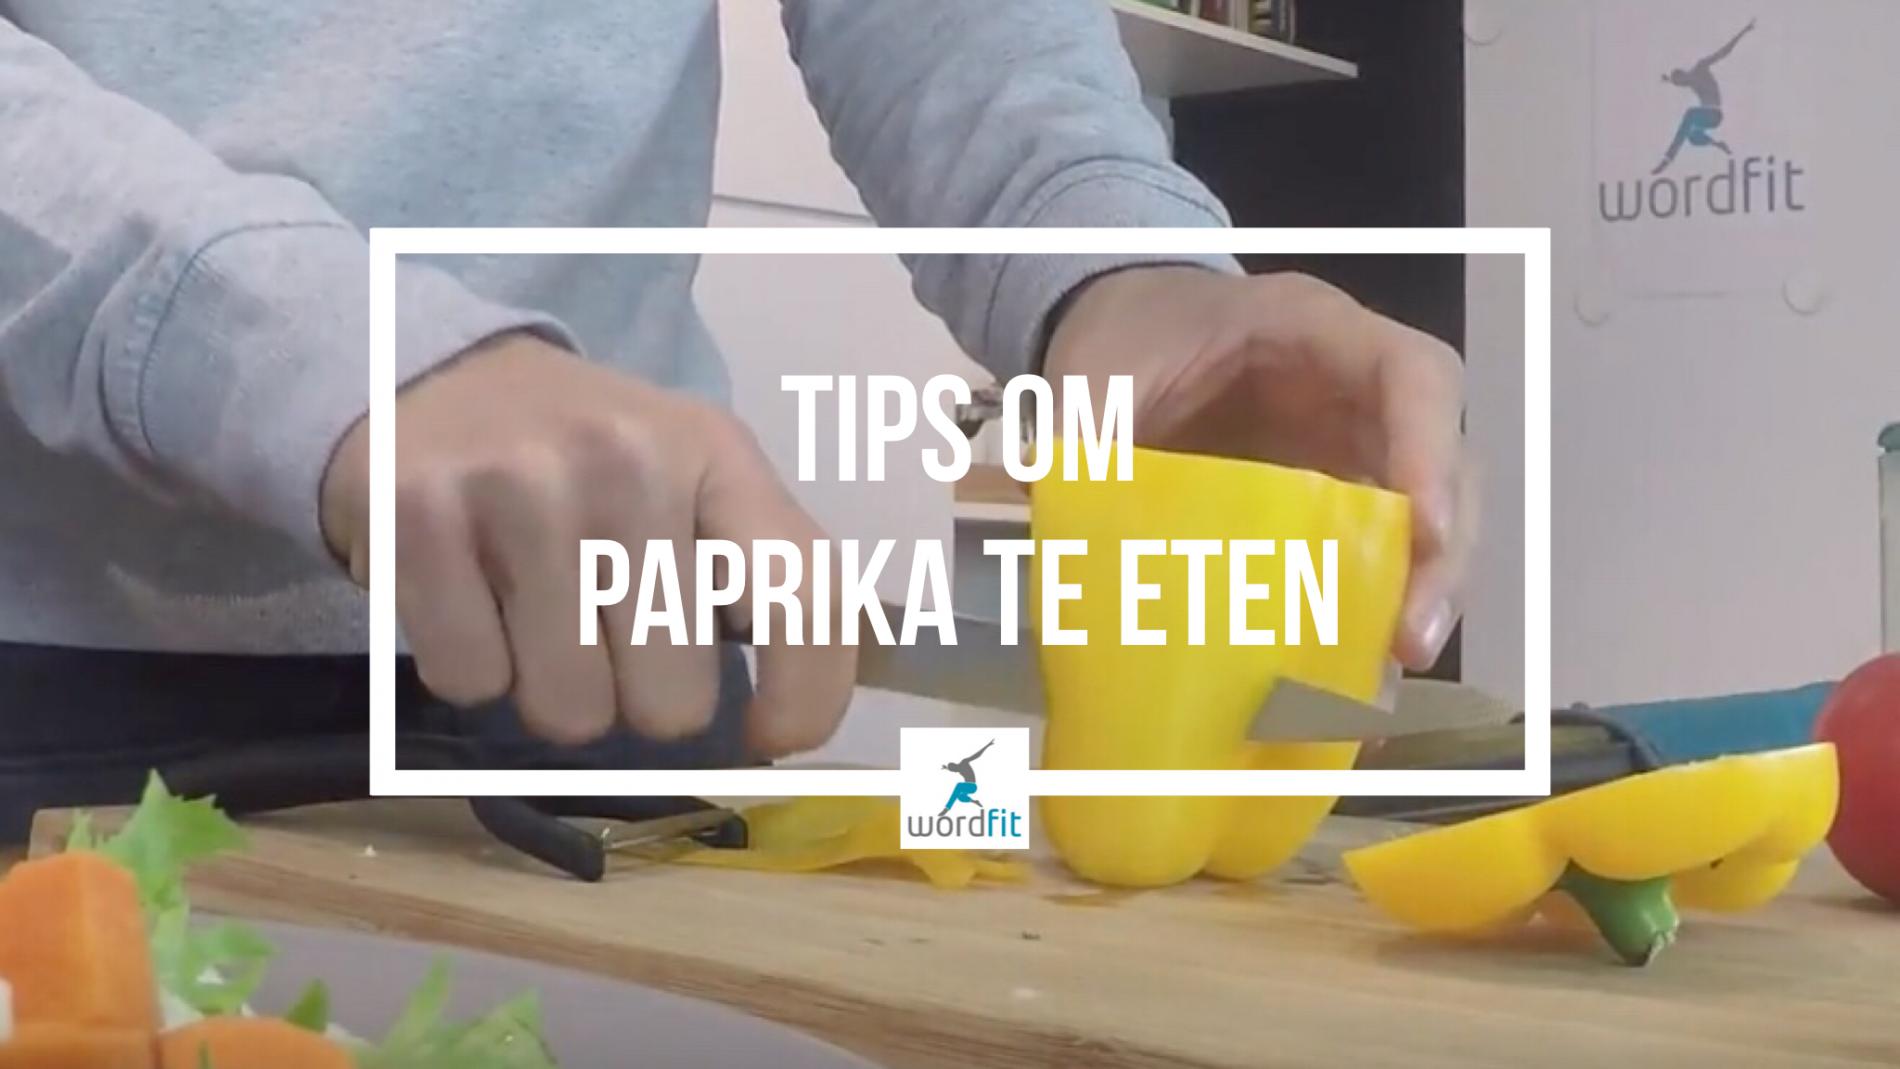 Tips om paprika te eten WordFit Gezond leren eten